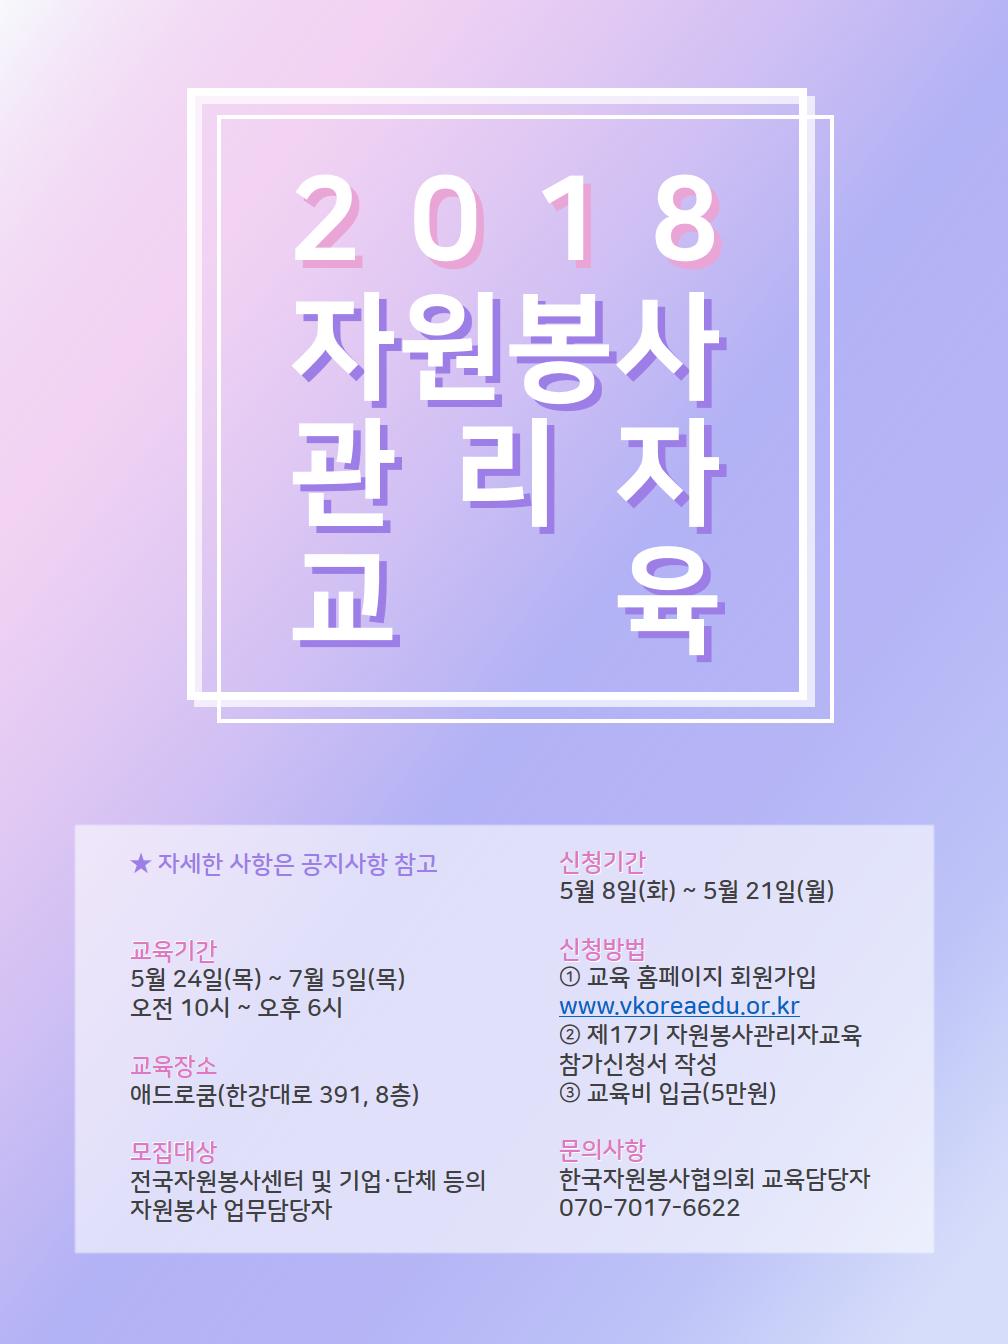 교육 웹포스터(온라인 홍보용)_최종.png